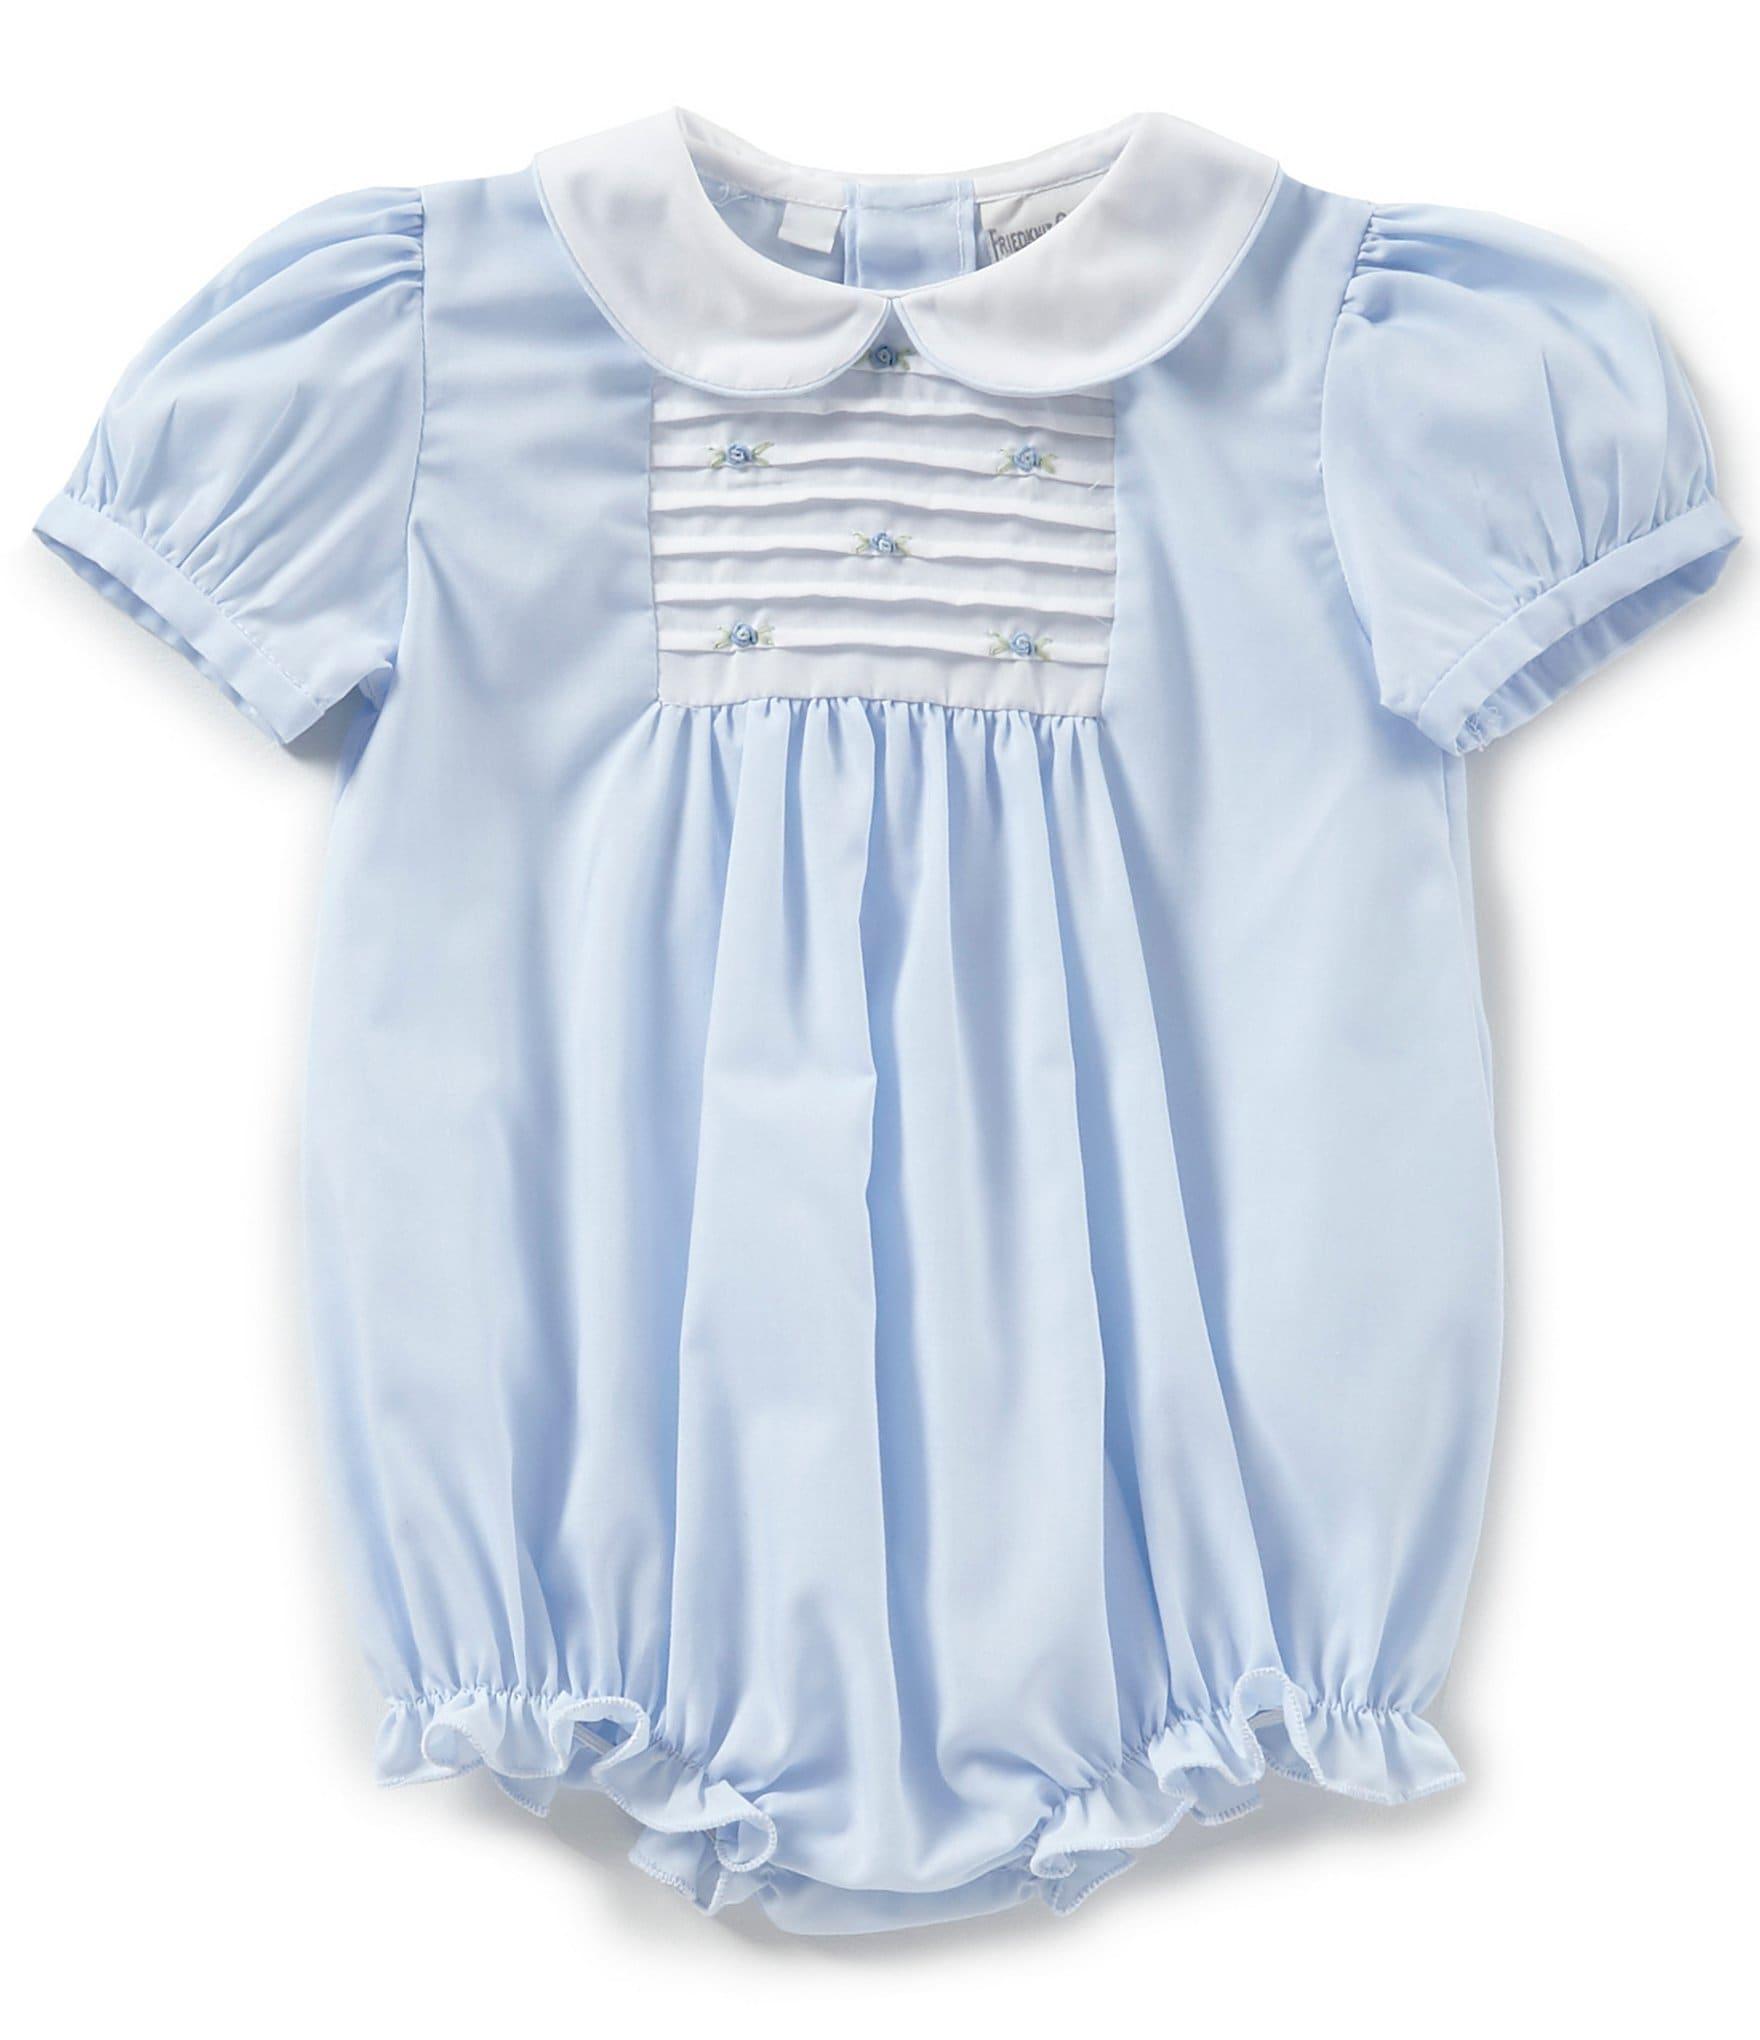 7f42d3bd93ab Friedknit Creations Baby Girls 3-9 Months Rosette Pintuck Romper ...